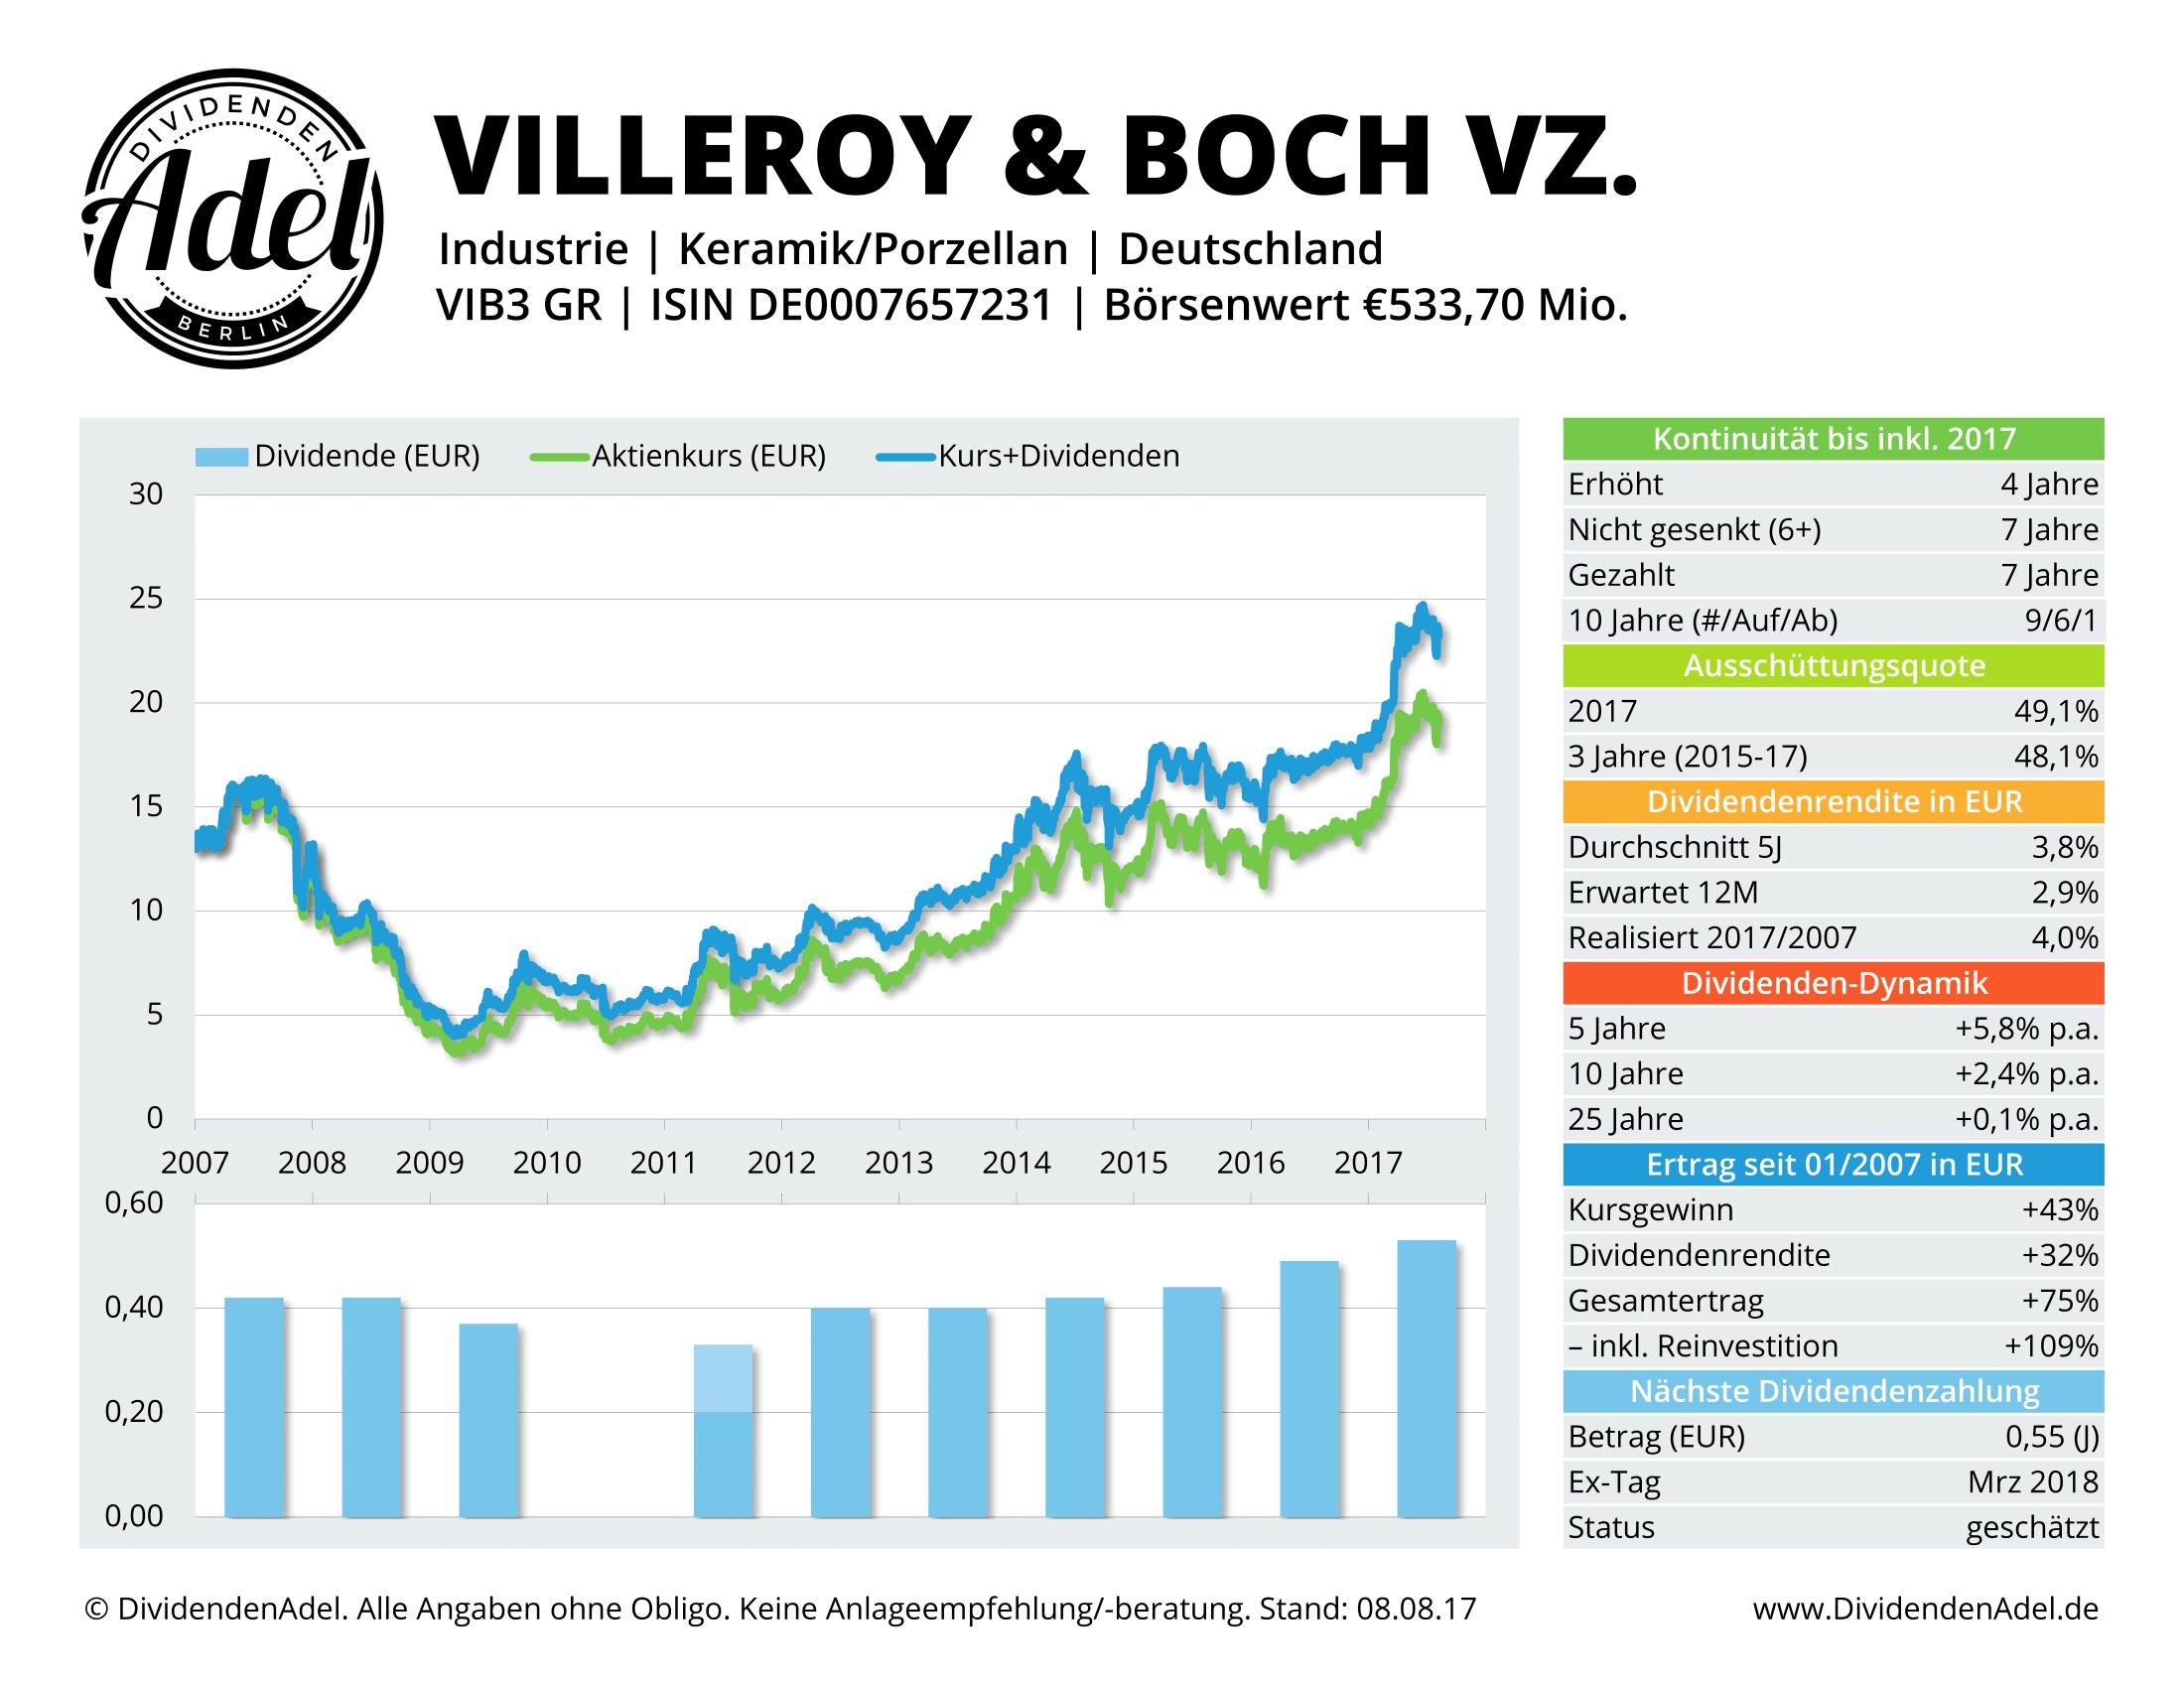 VILLEROY & BOCH VZ. DividendenAdel-Profil